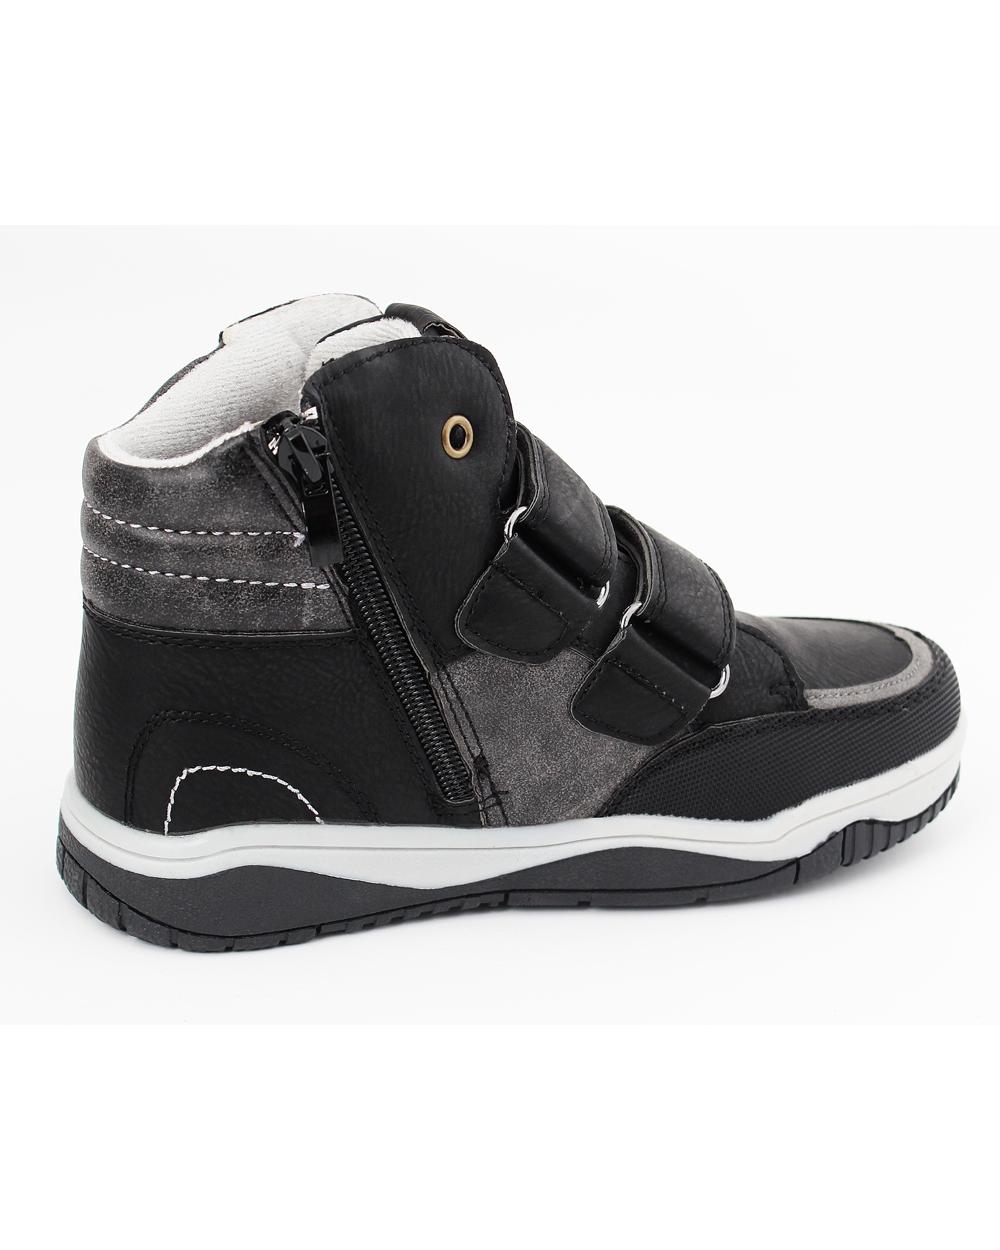 Wyższe buty dla chłopca 33 38 35CLB czarne